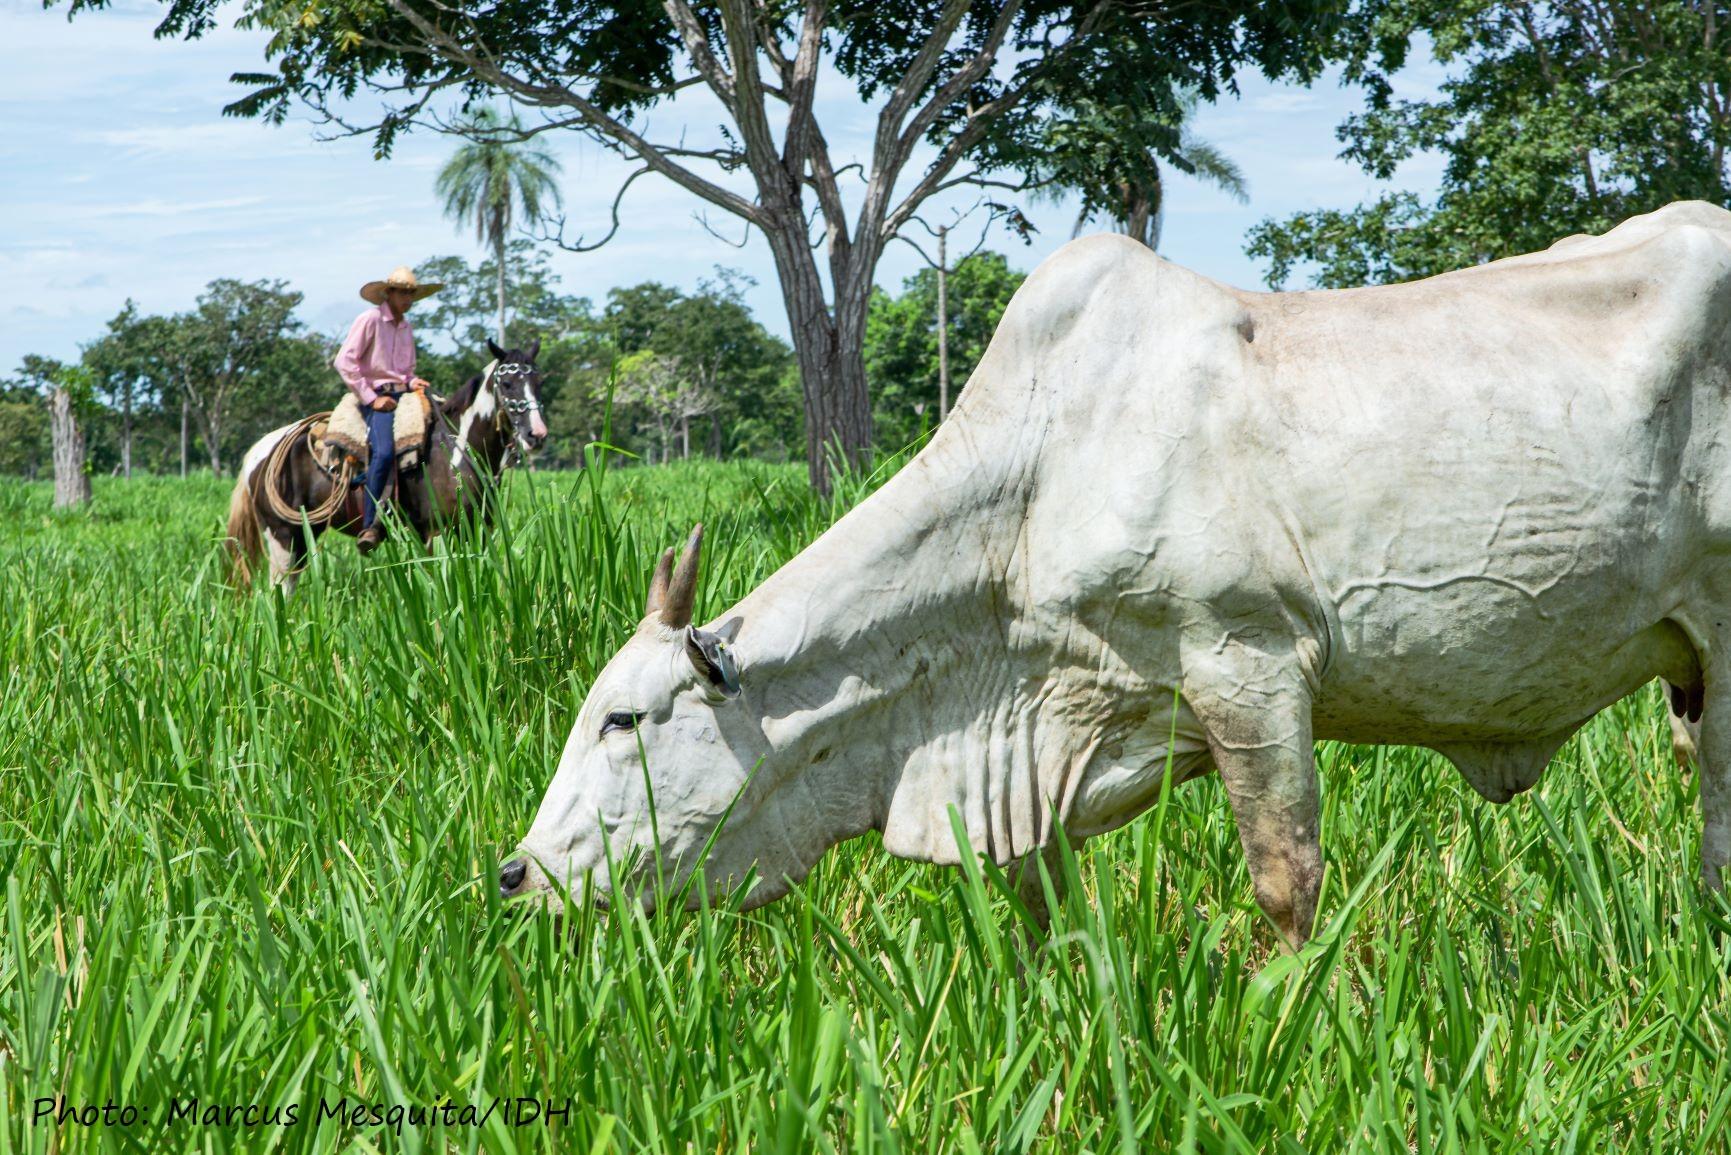 Cattle farmer in Mato Grosso state